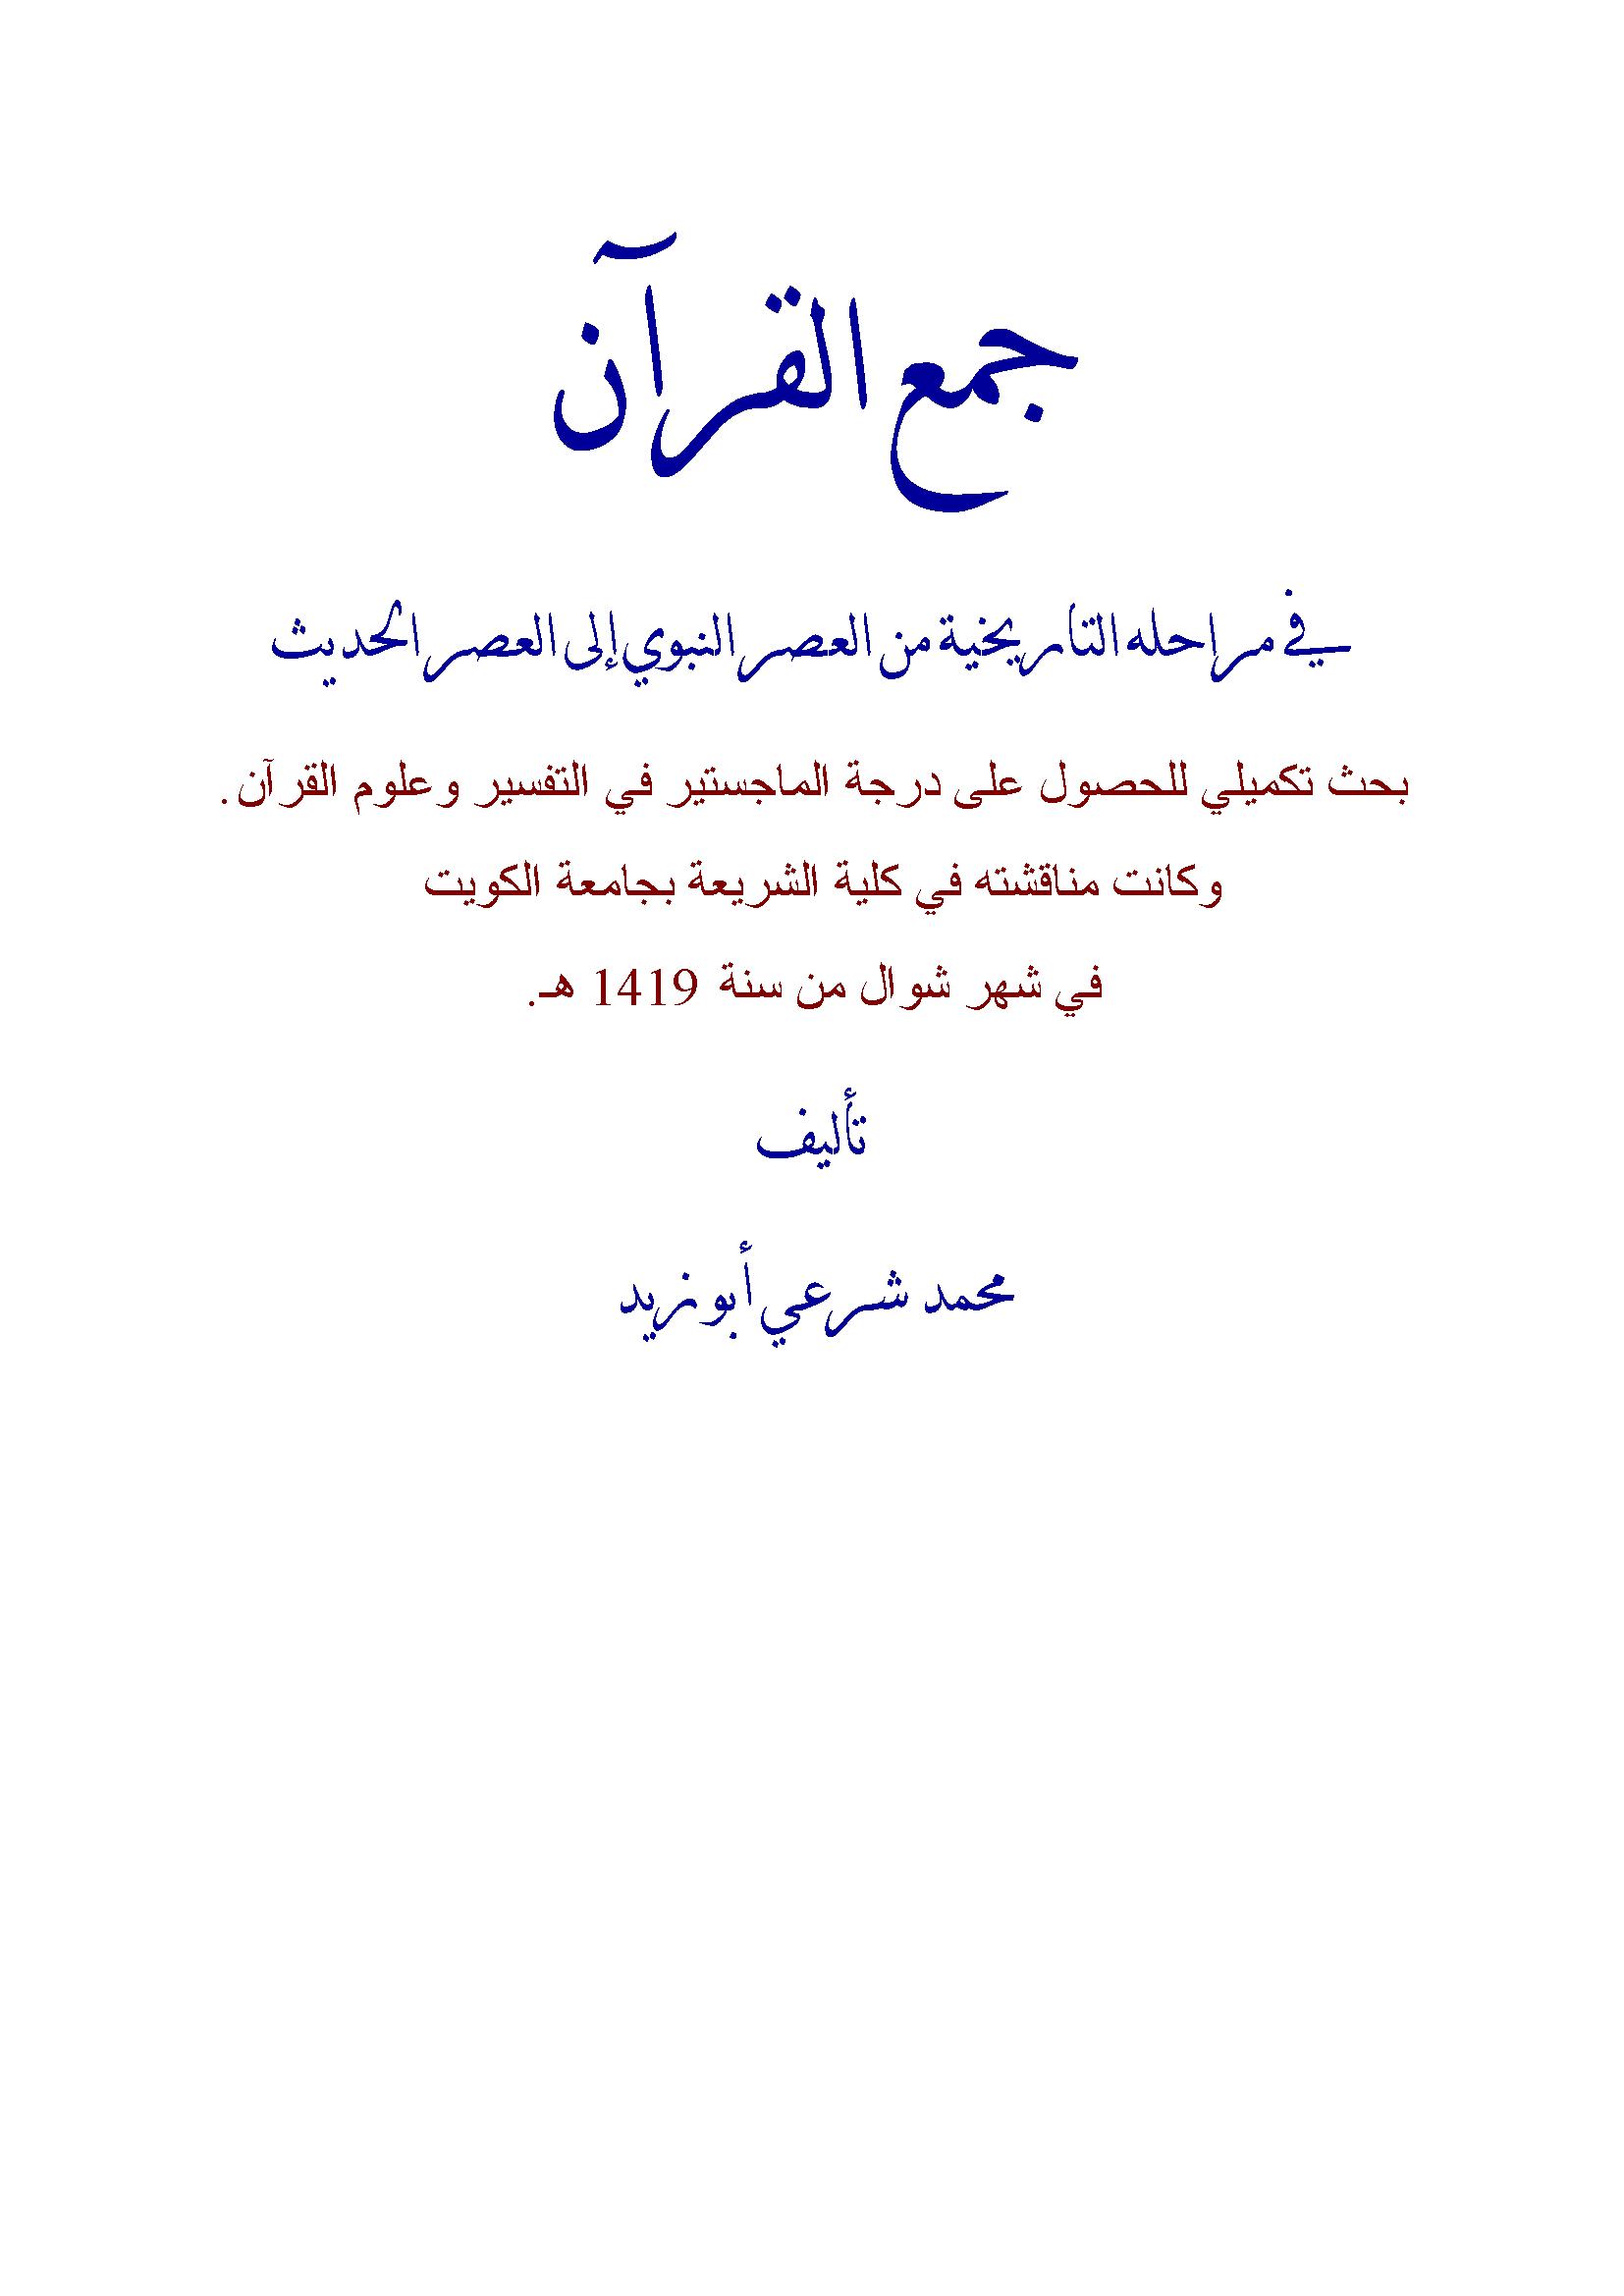 توفي النبي صلى الله عليه وسلم والقرآن الكريم لم يُجمع في مصحف واحد مكتوب.